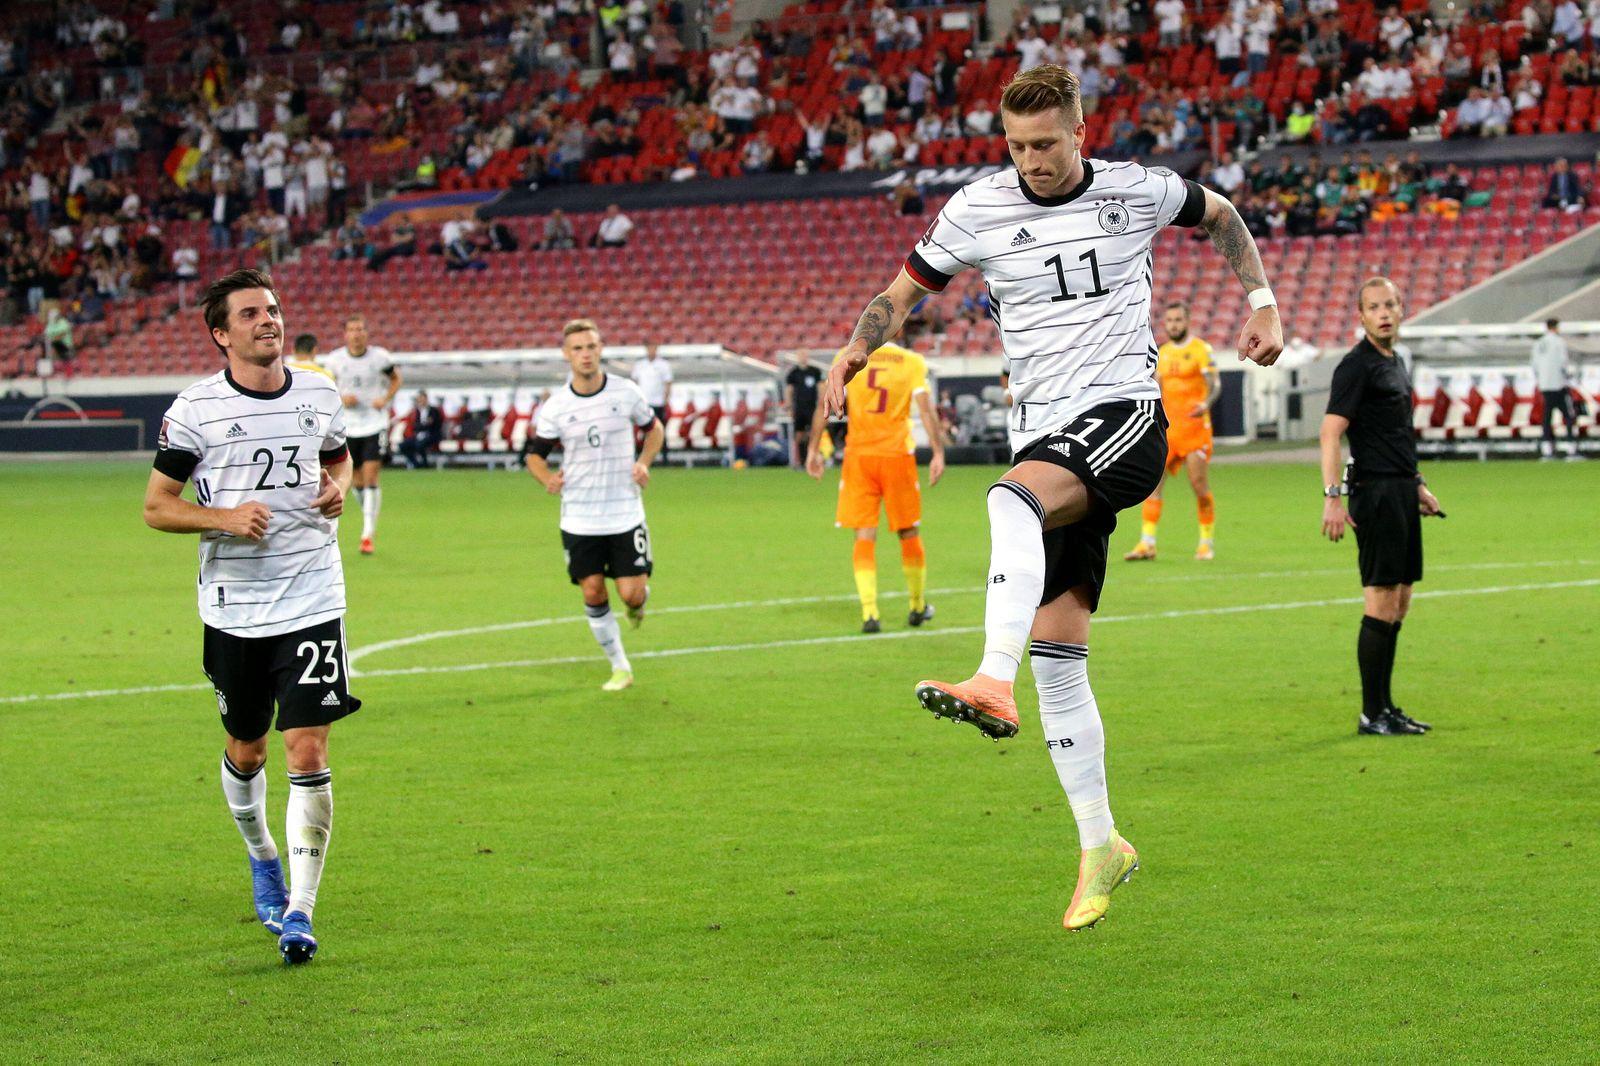 Stuttgart , Fußball WM Qualifikation , Deutschland vs. Armenien , Torschütze Marco Reus (GER, rechts) jubelt über sein